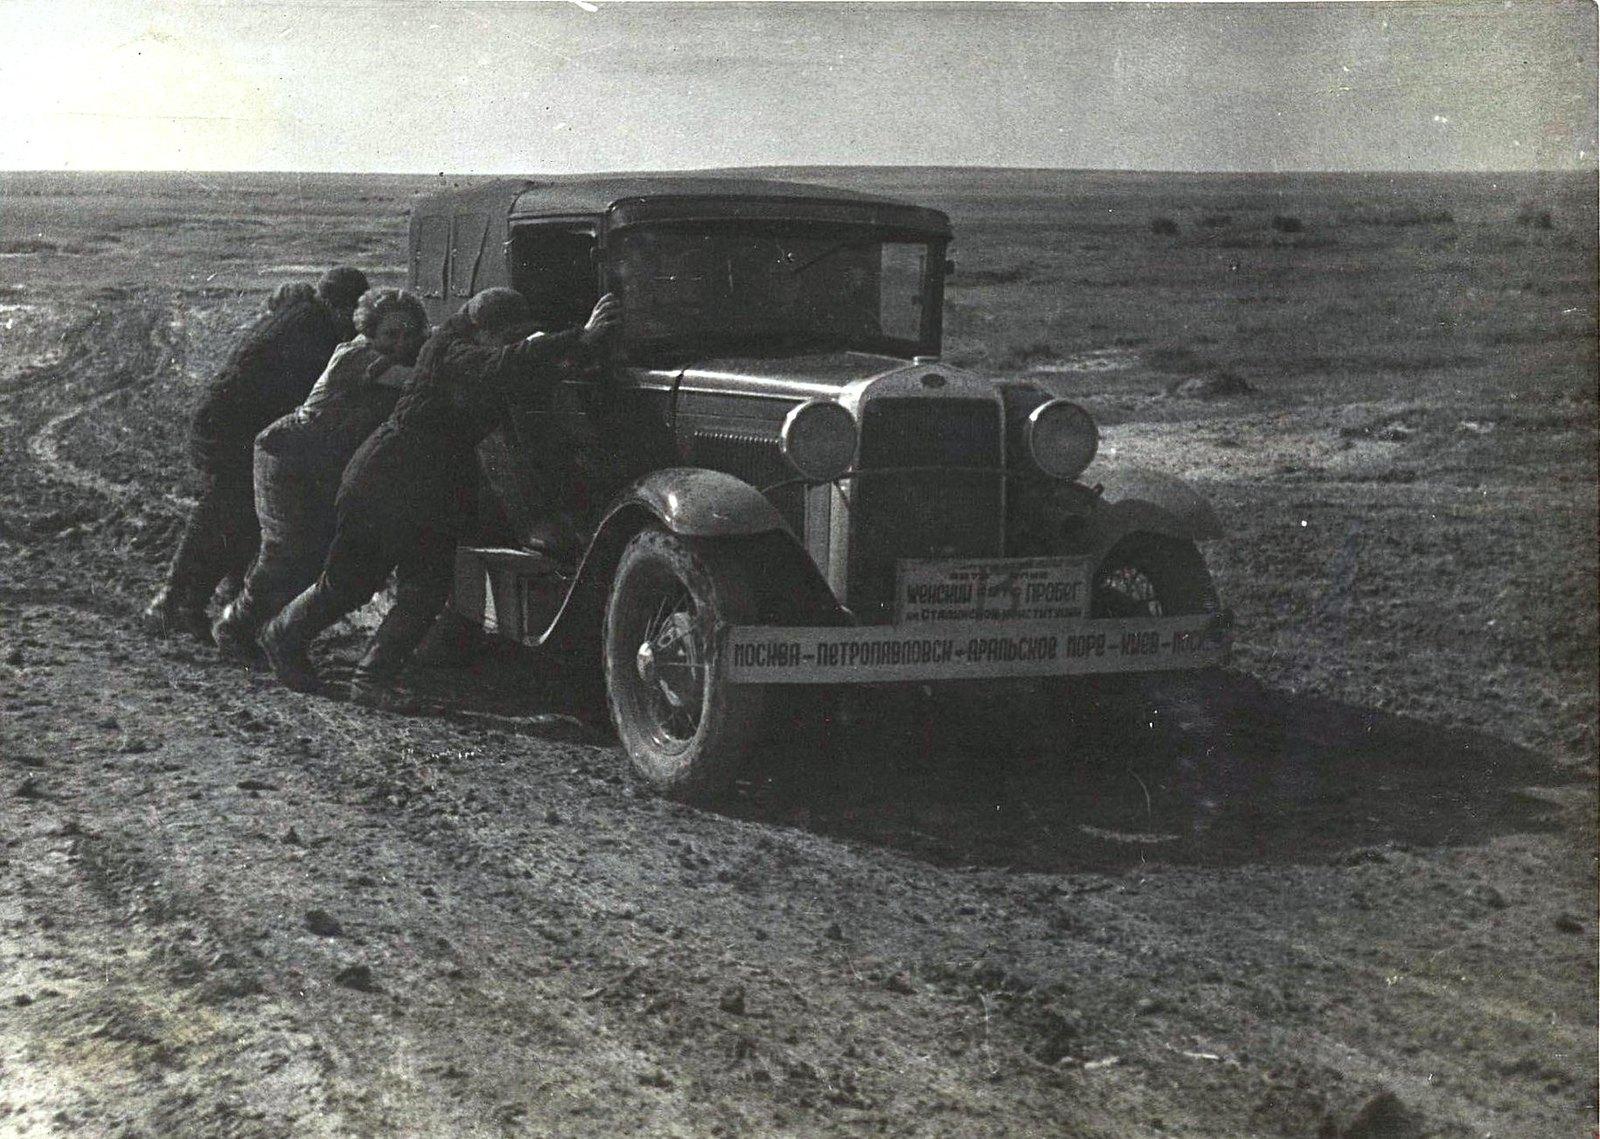 12. Участницы пробега толкают автомобиль